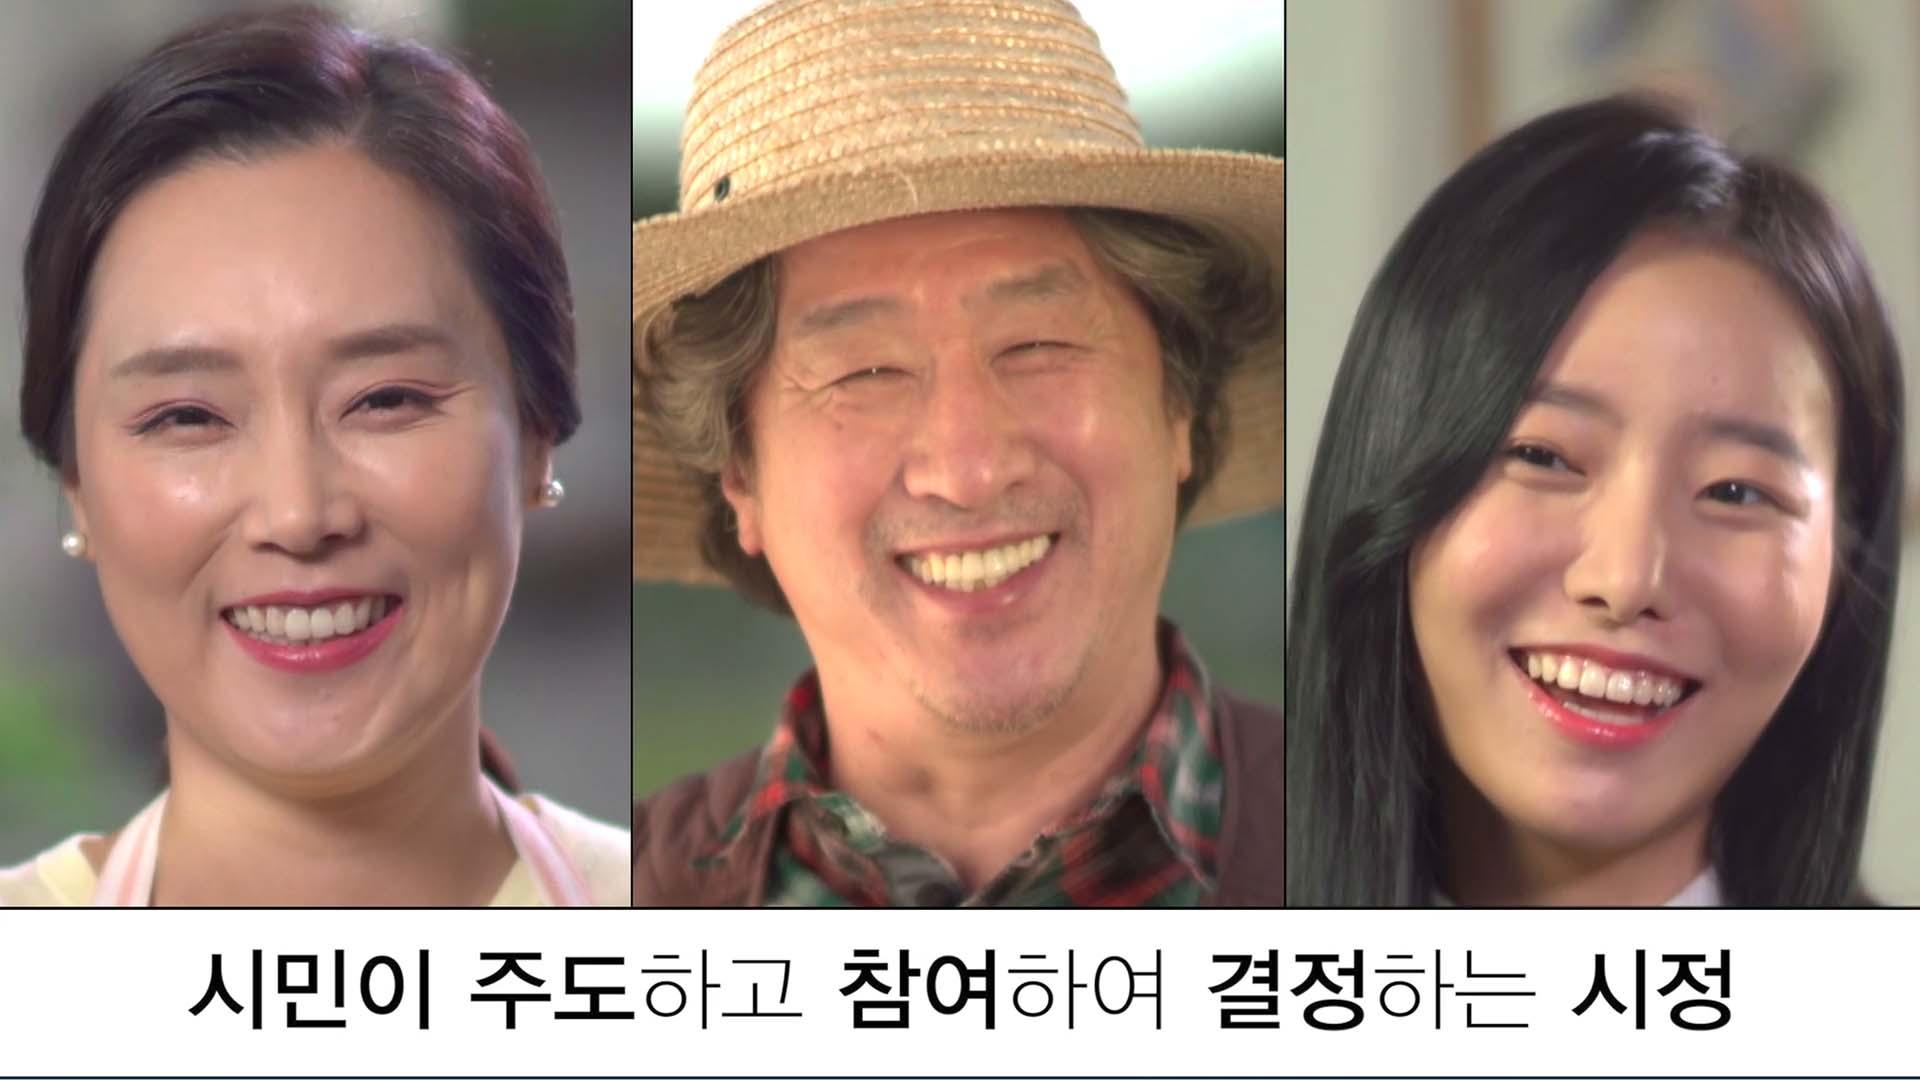 시민주권특별자치시 행정수도 세종 TV CF